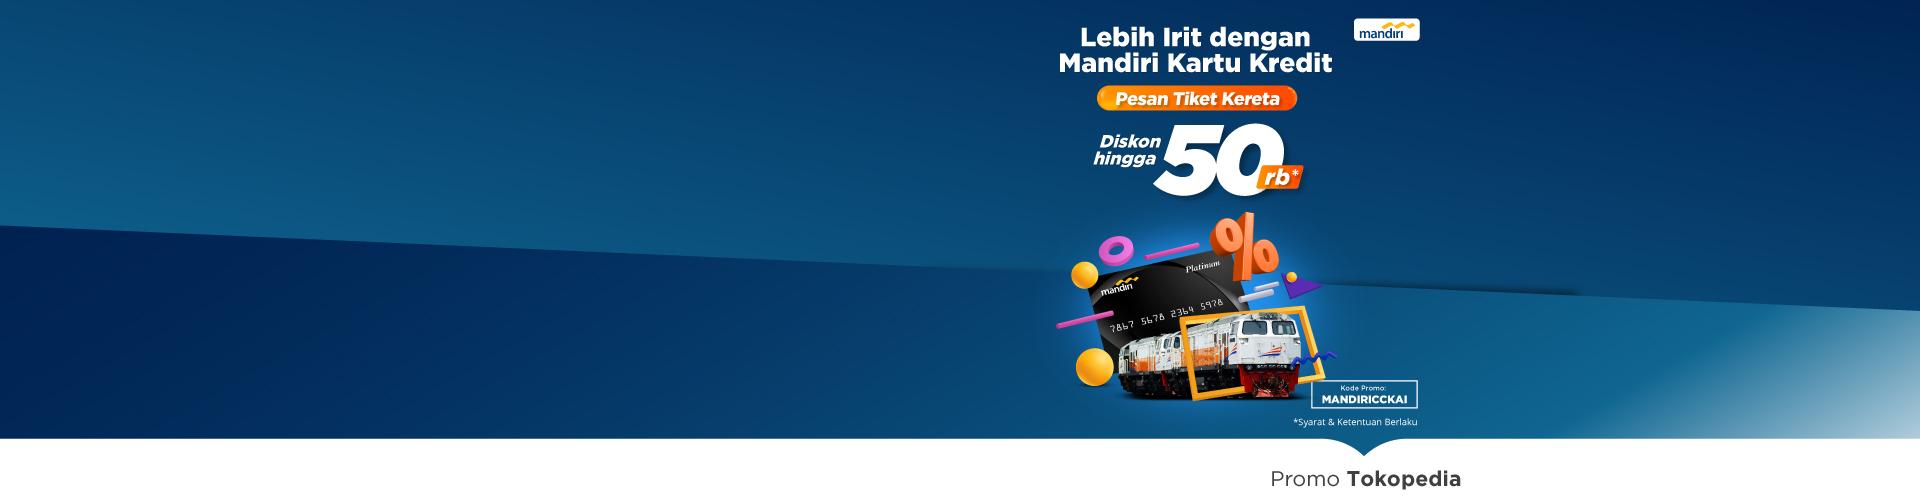 Hanya di hari Rabu beli tiket kereta bisa dapat diskon hingga 50rb dengan kartu kredit Mandiri!